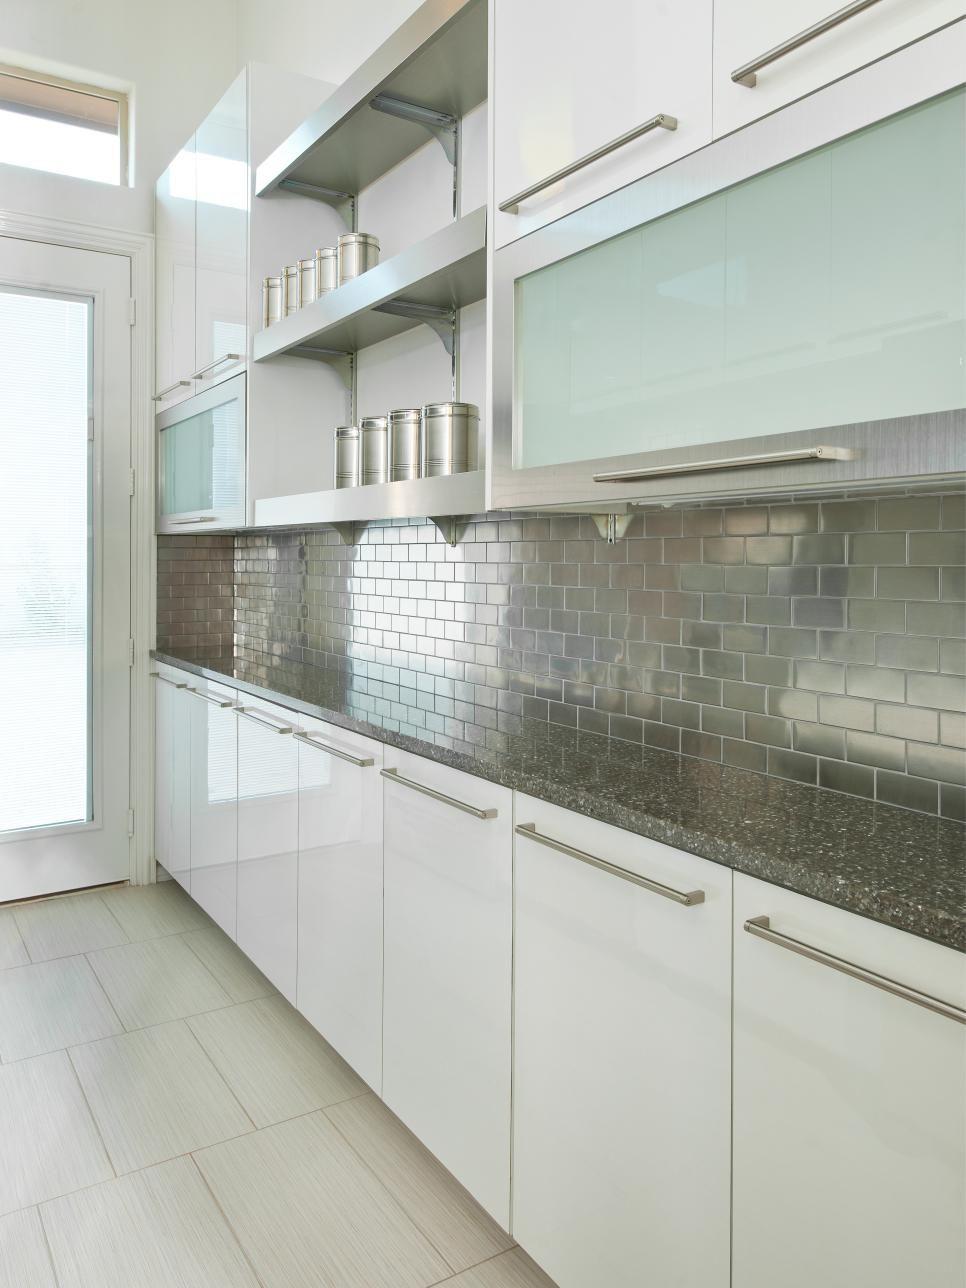 15 Ways To Modernize Your Homeu0027s Style | Interior Design Styles And Color  Schemes For Home Decorating | HGTV U003eu003e ...